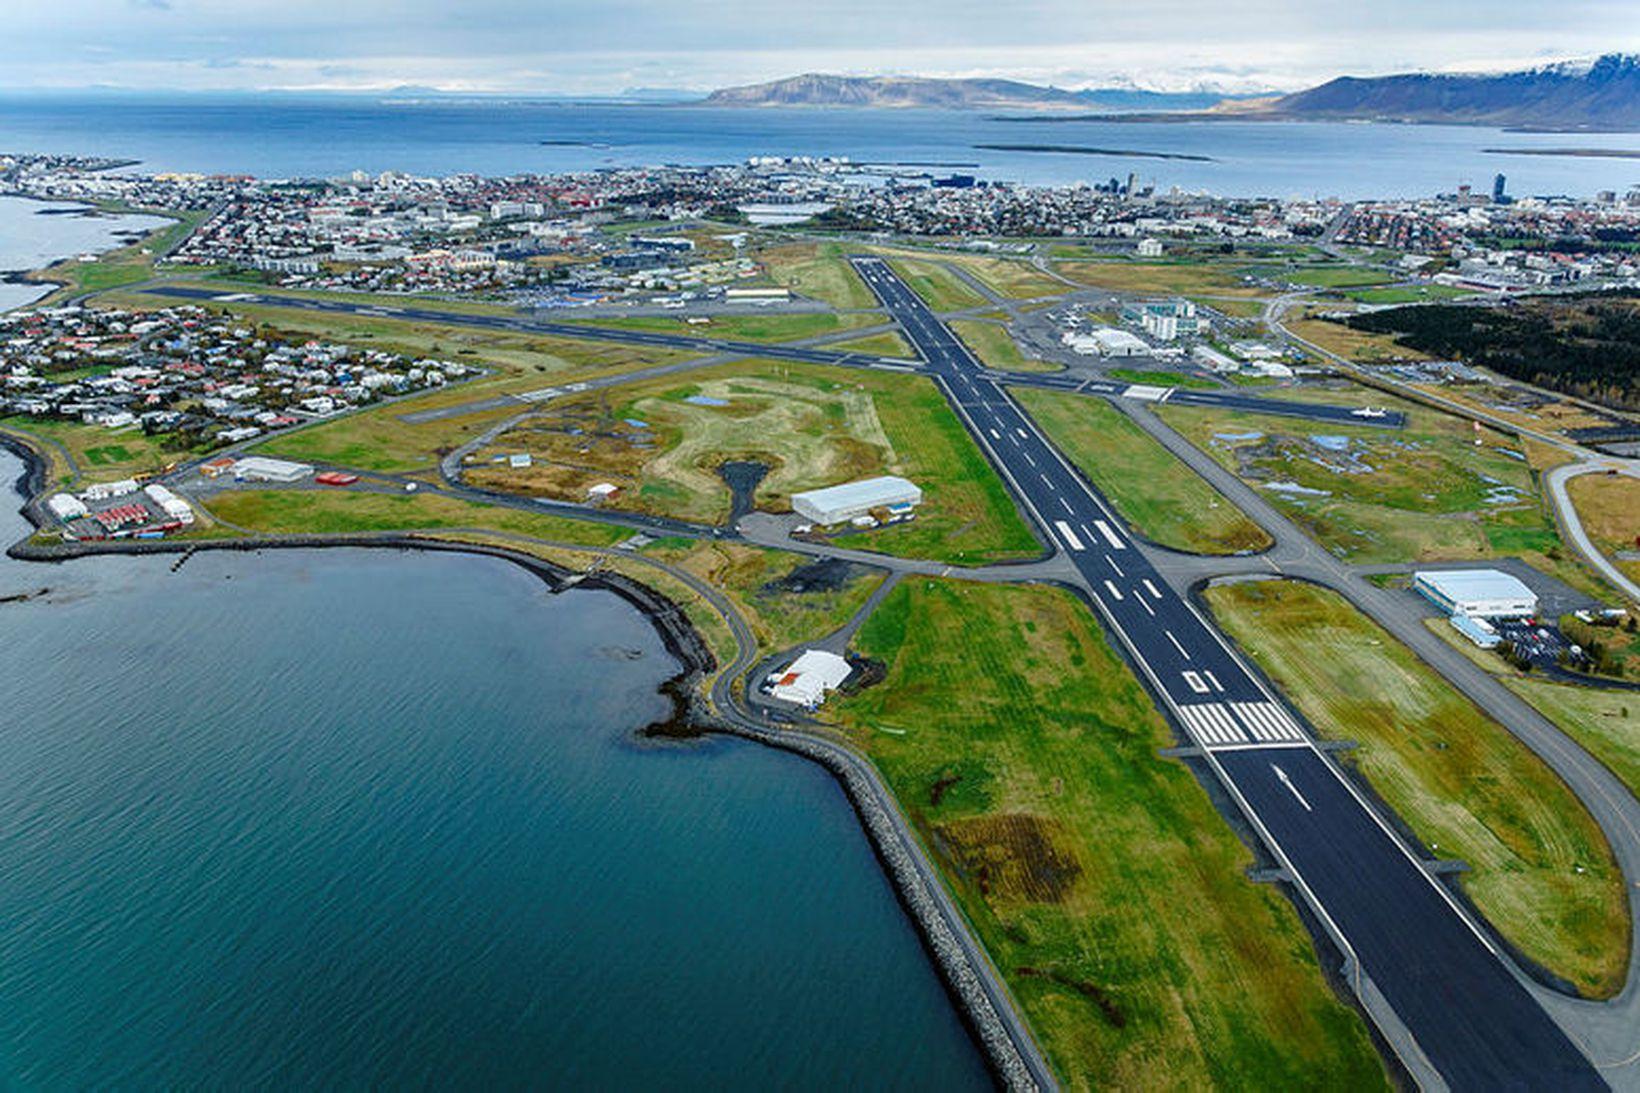 Horft yfir Reykjavíkurflugvöll.